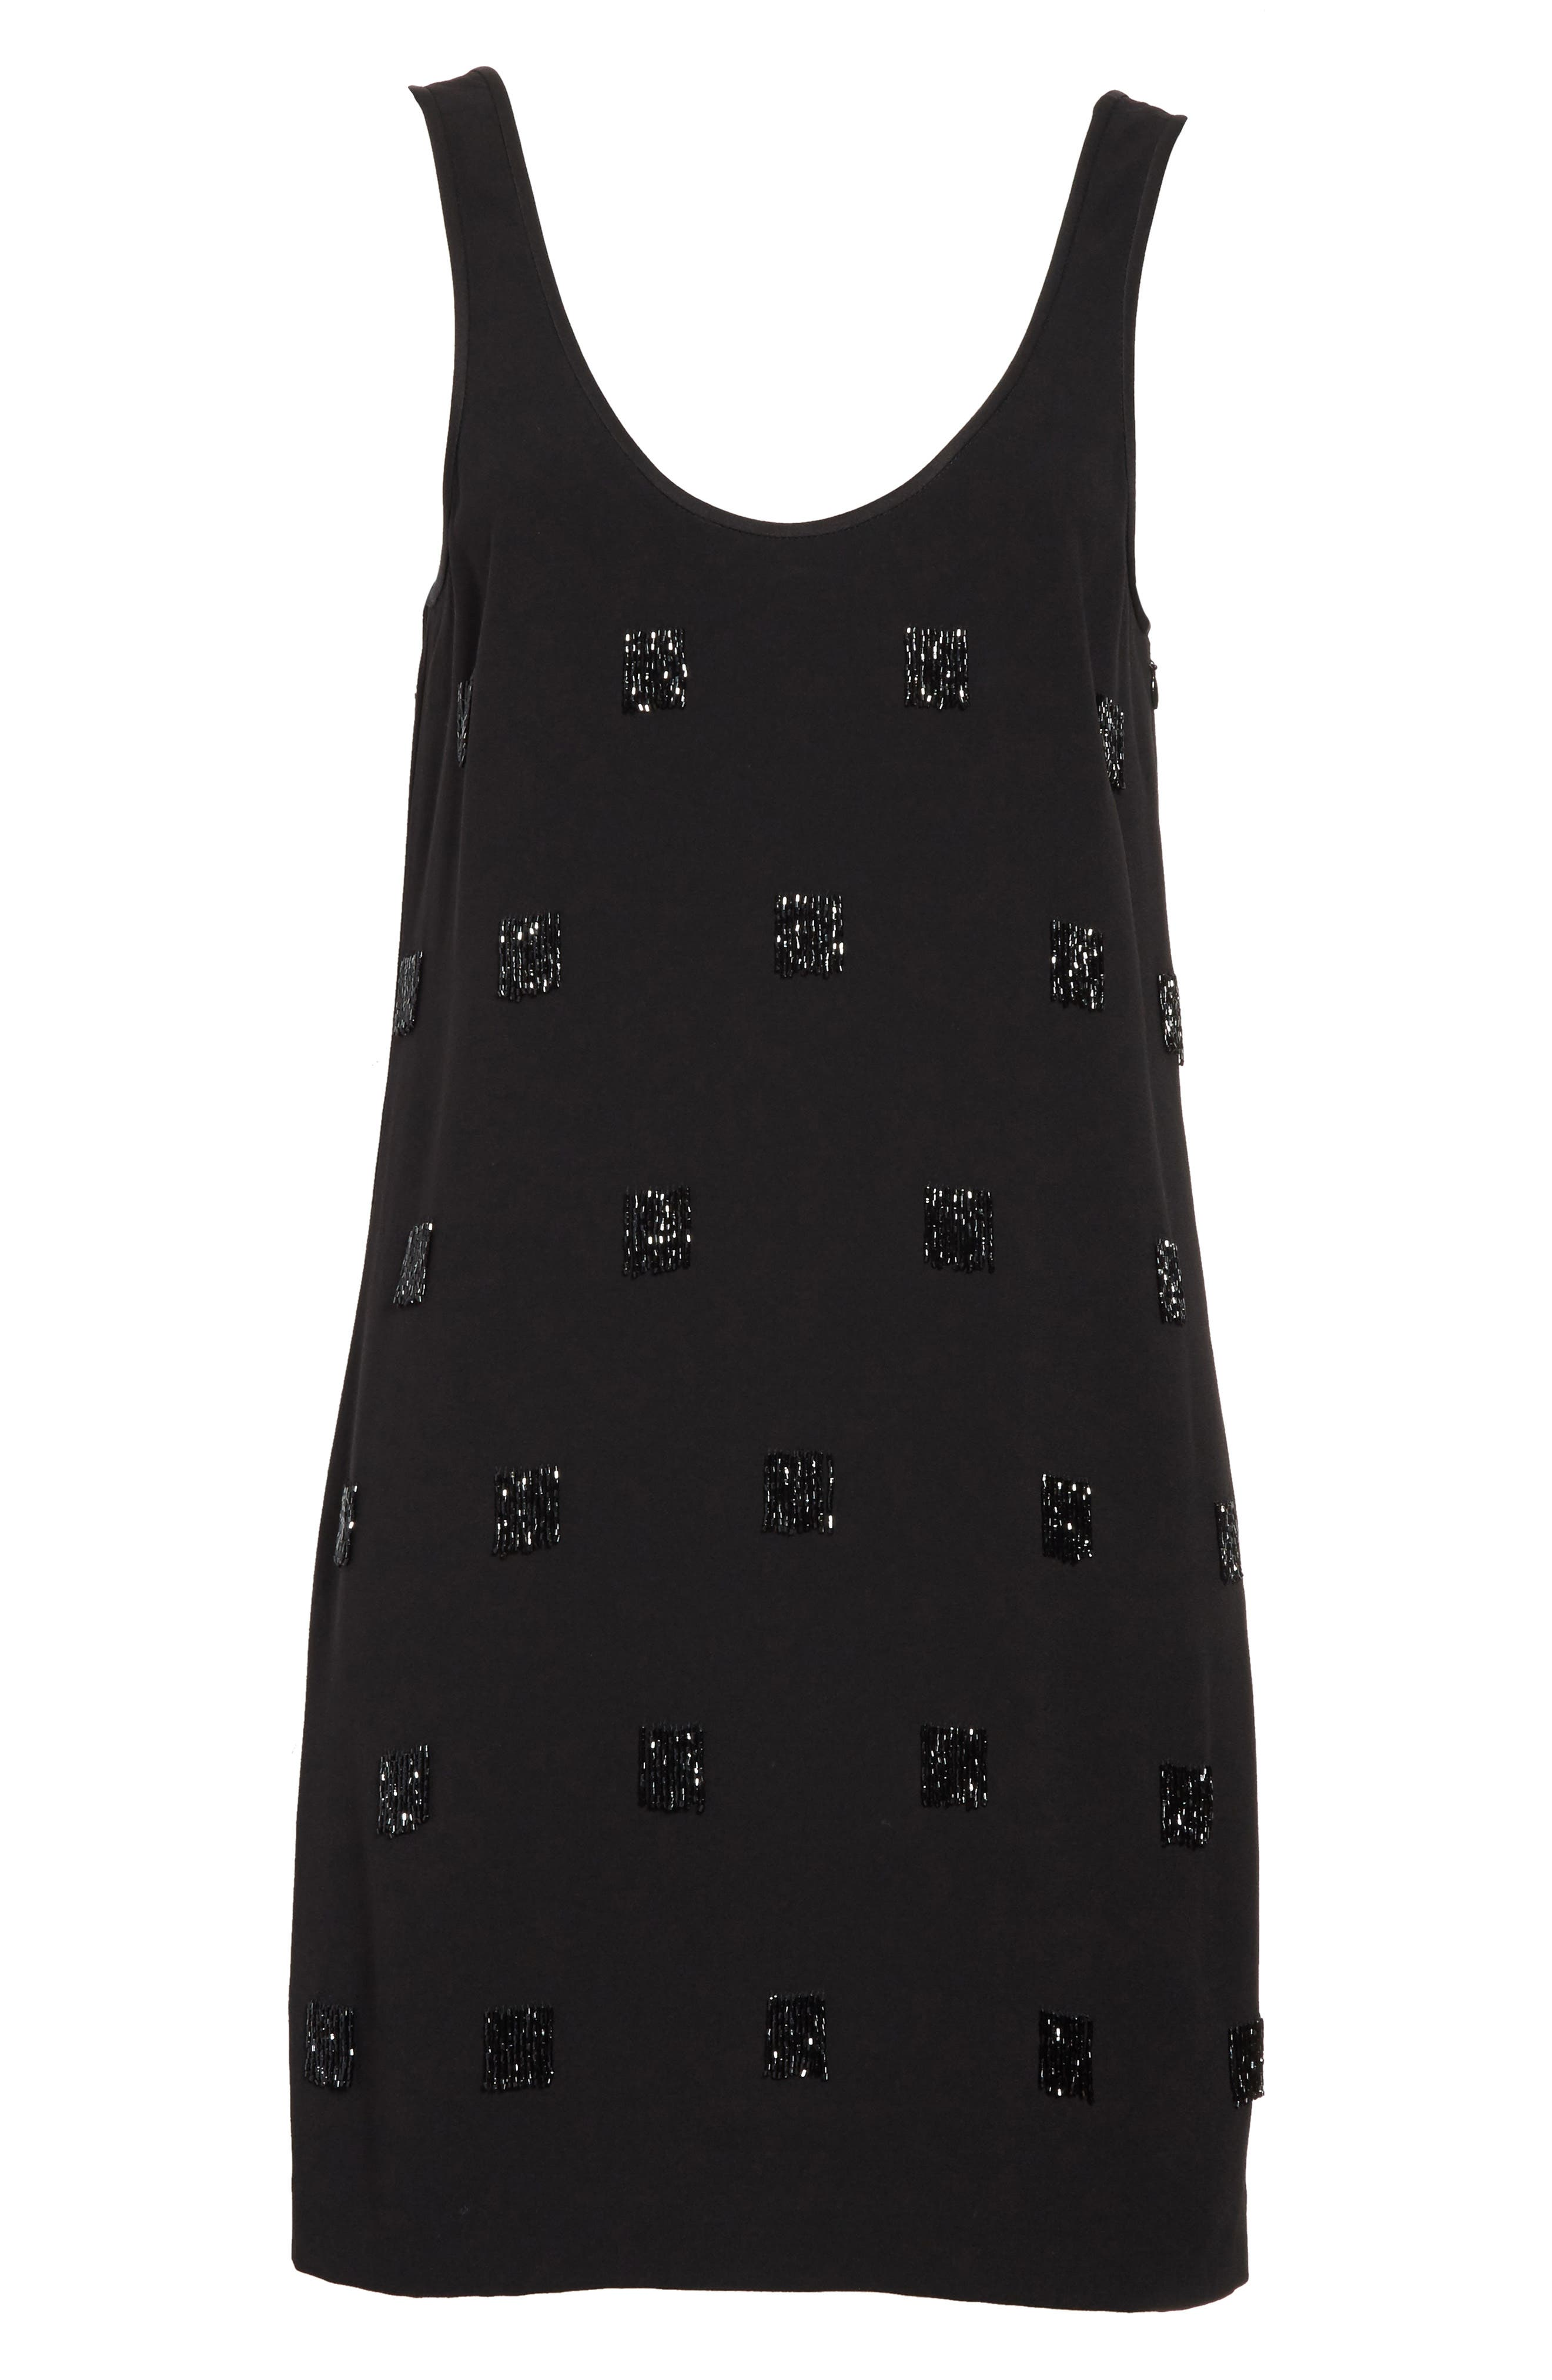 Greene Beaded Fringe Minidress,                             Alternate thumbnail 6, color,                             Black